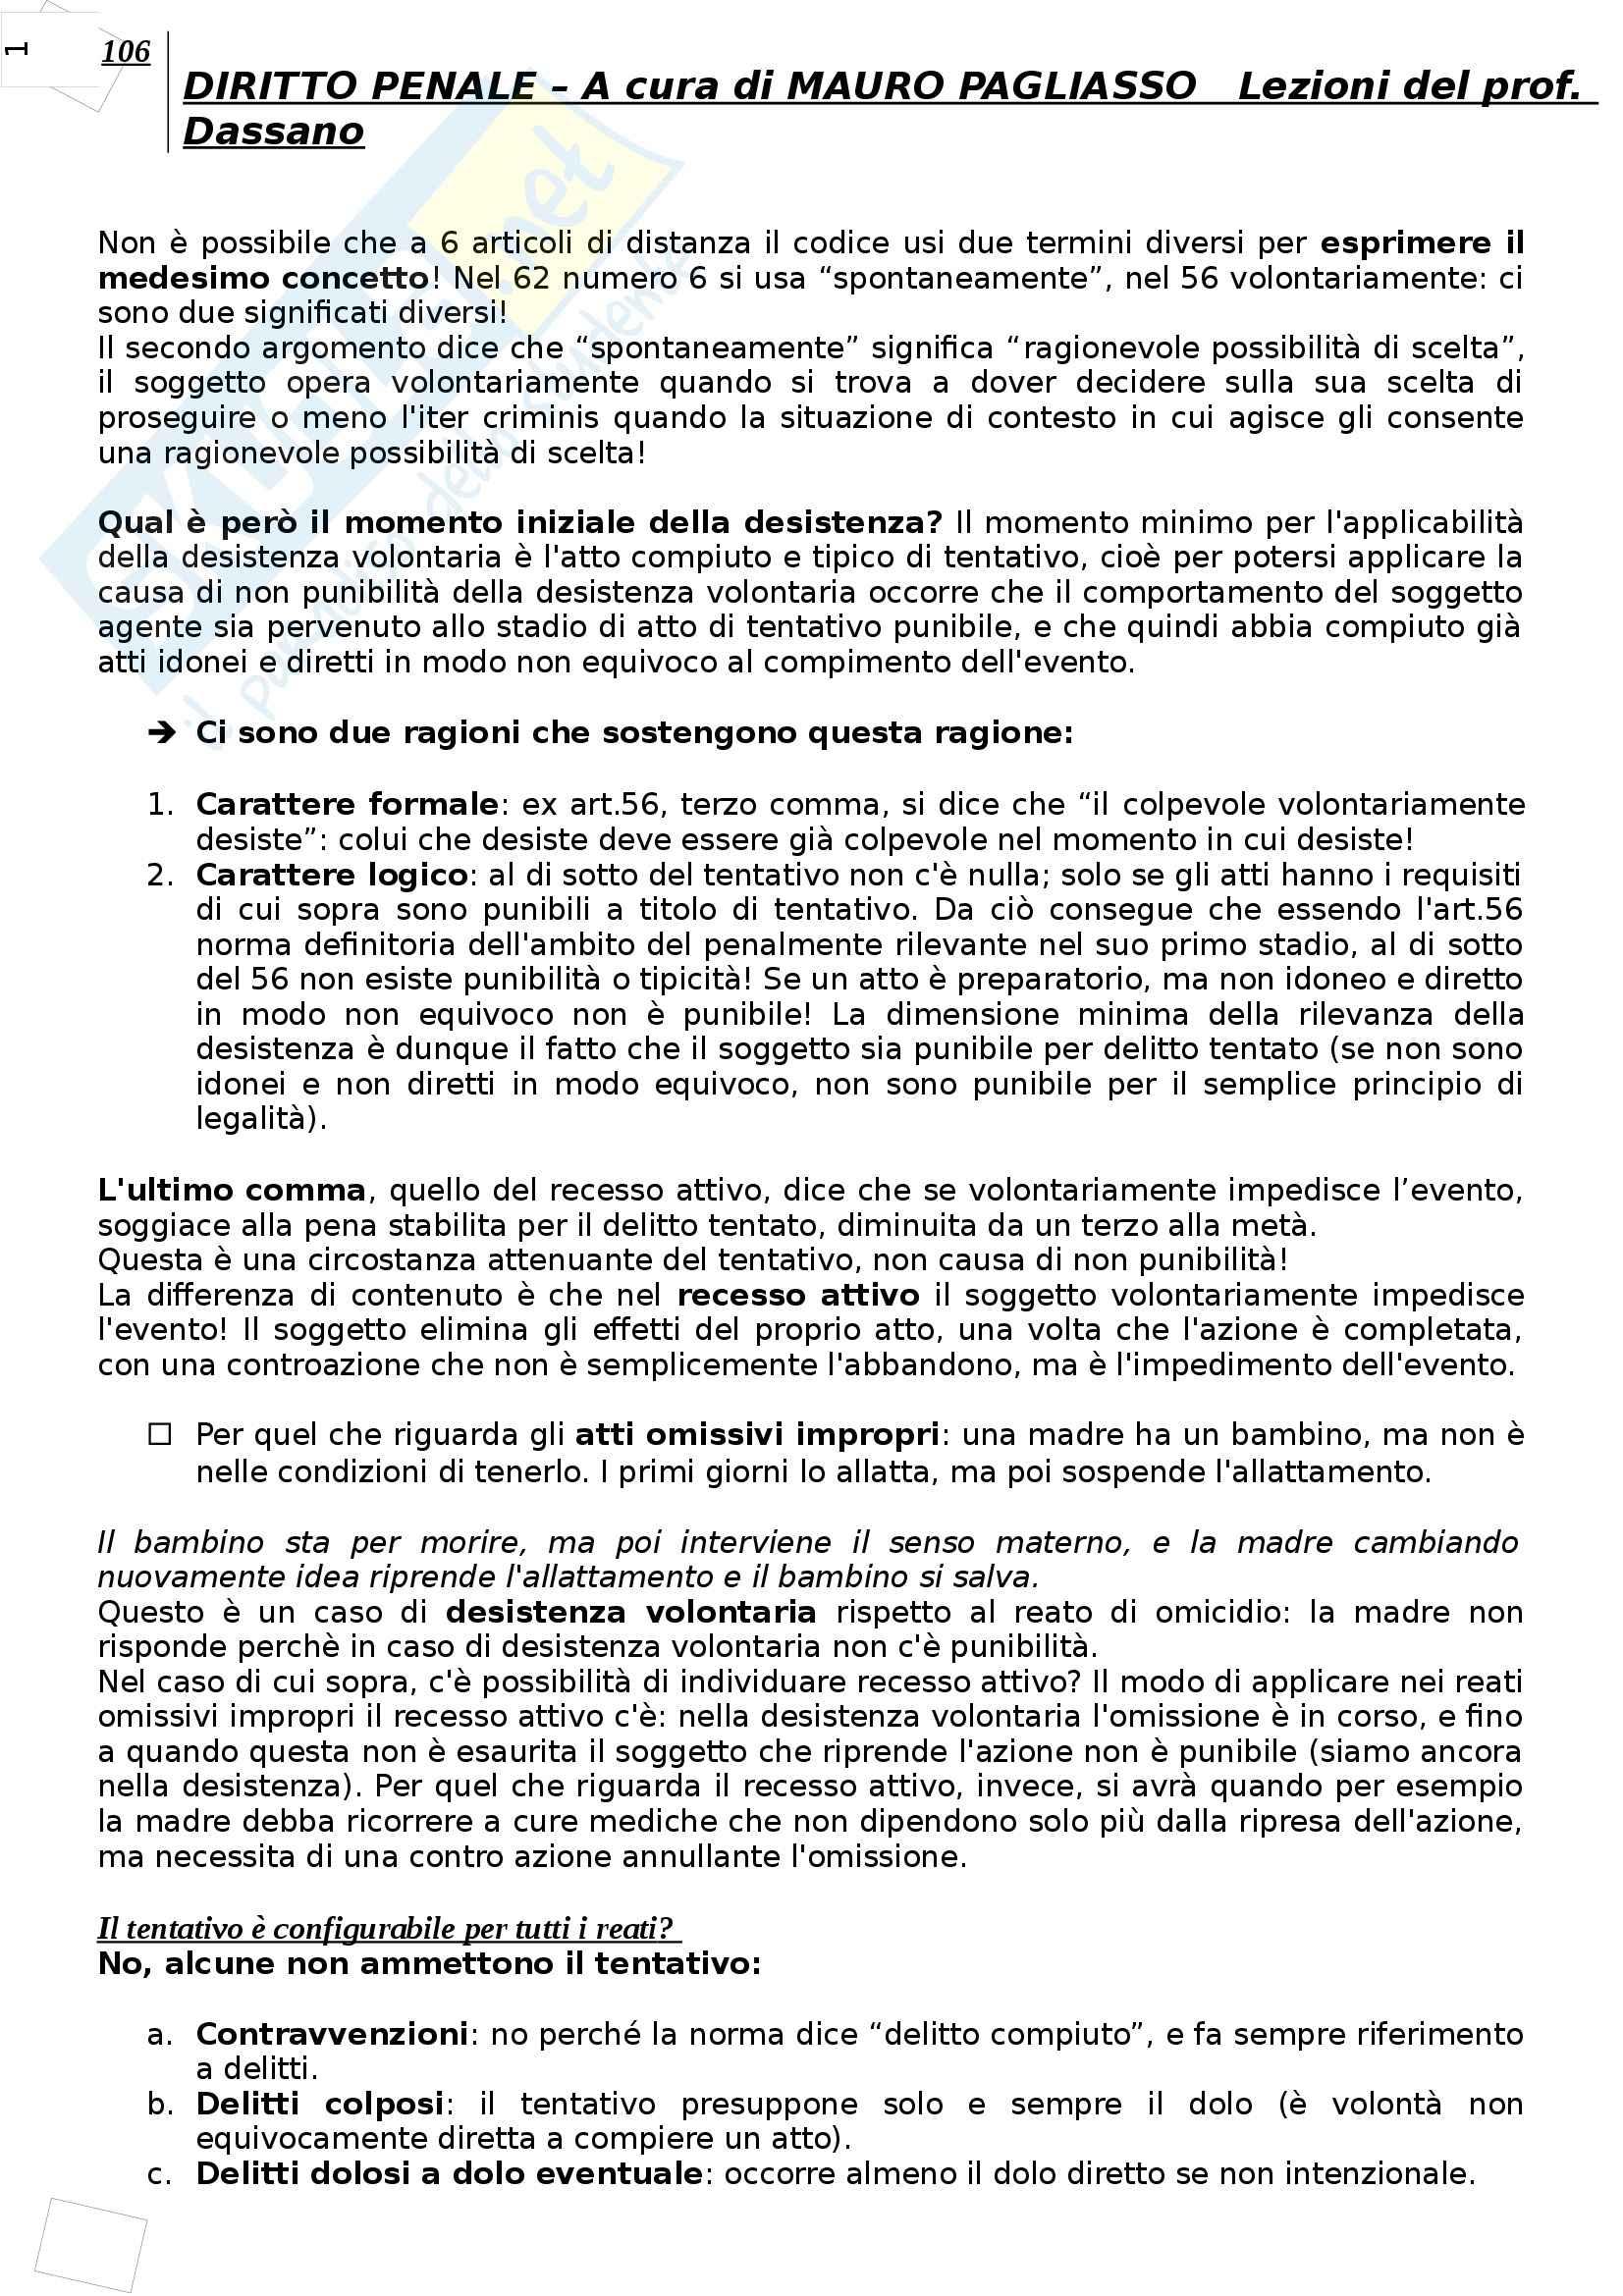 Diritto penale - Appunti Pag. 106